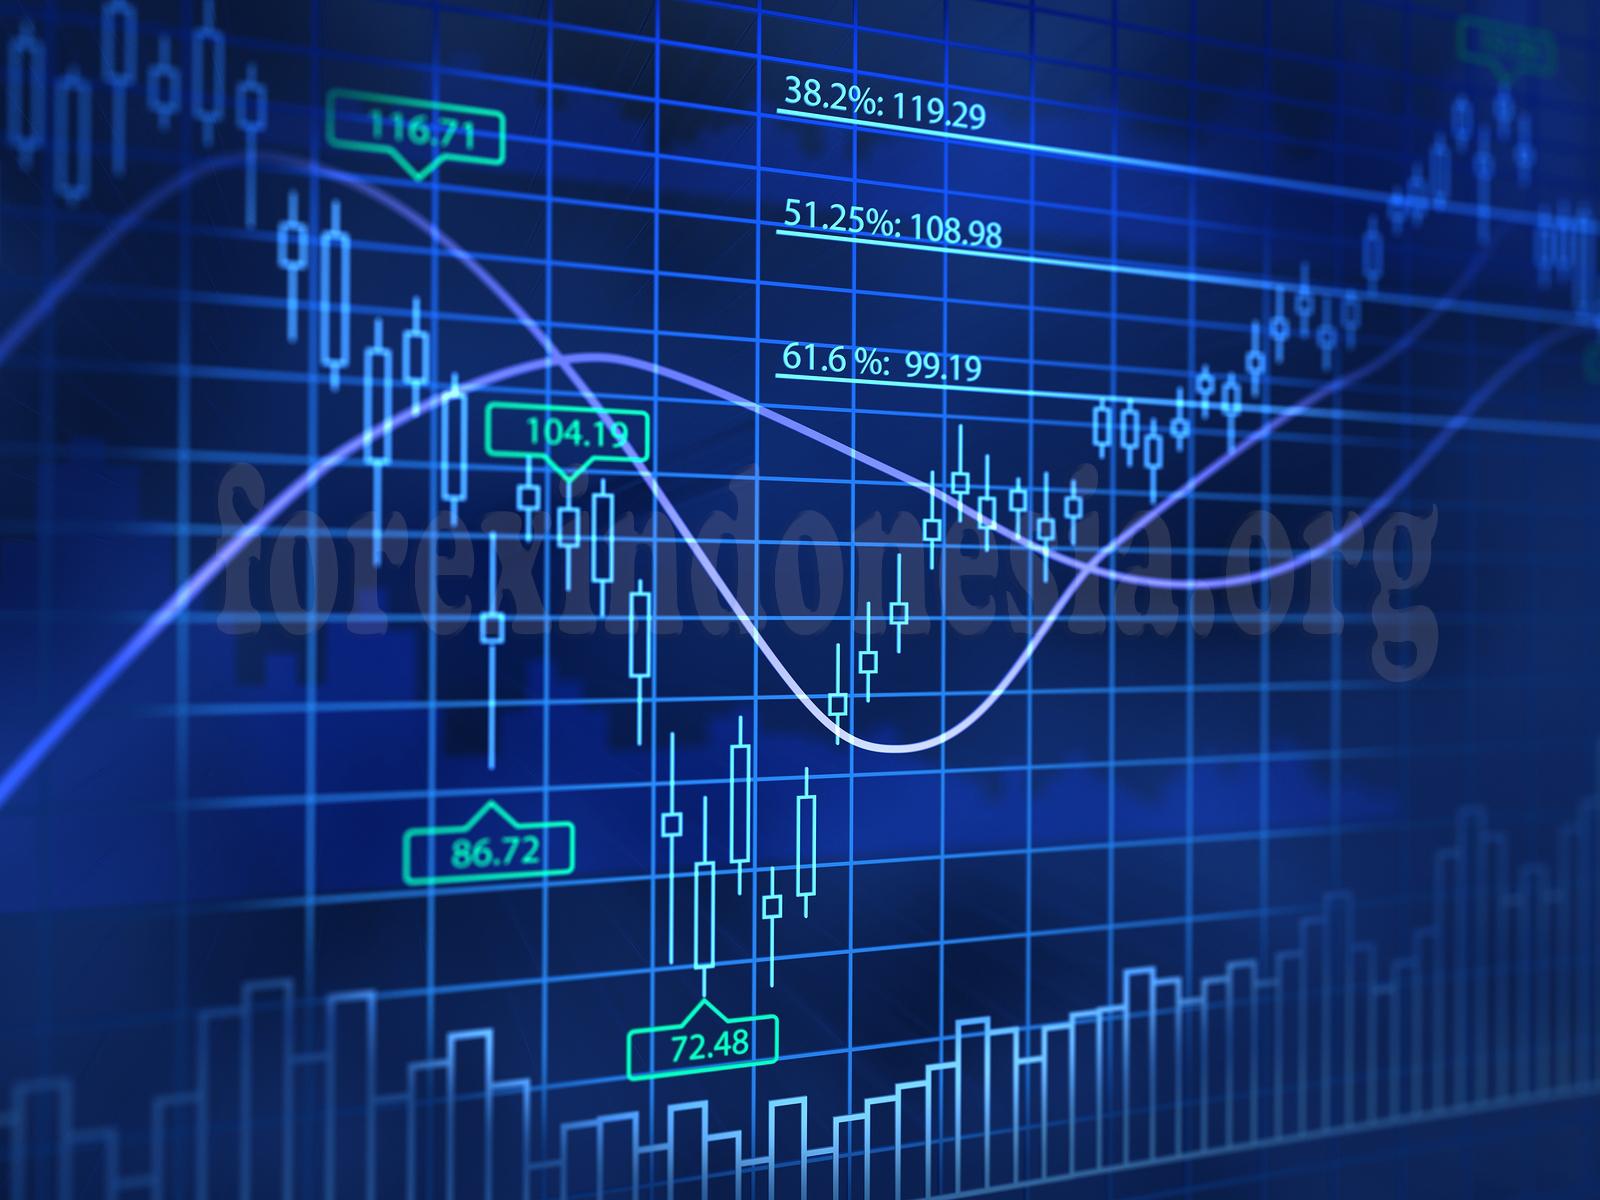 memulai trading forex tanpa modal